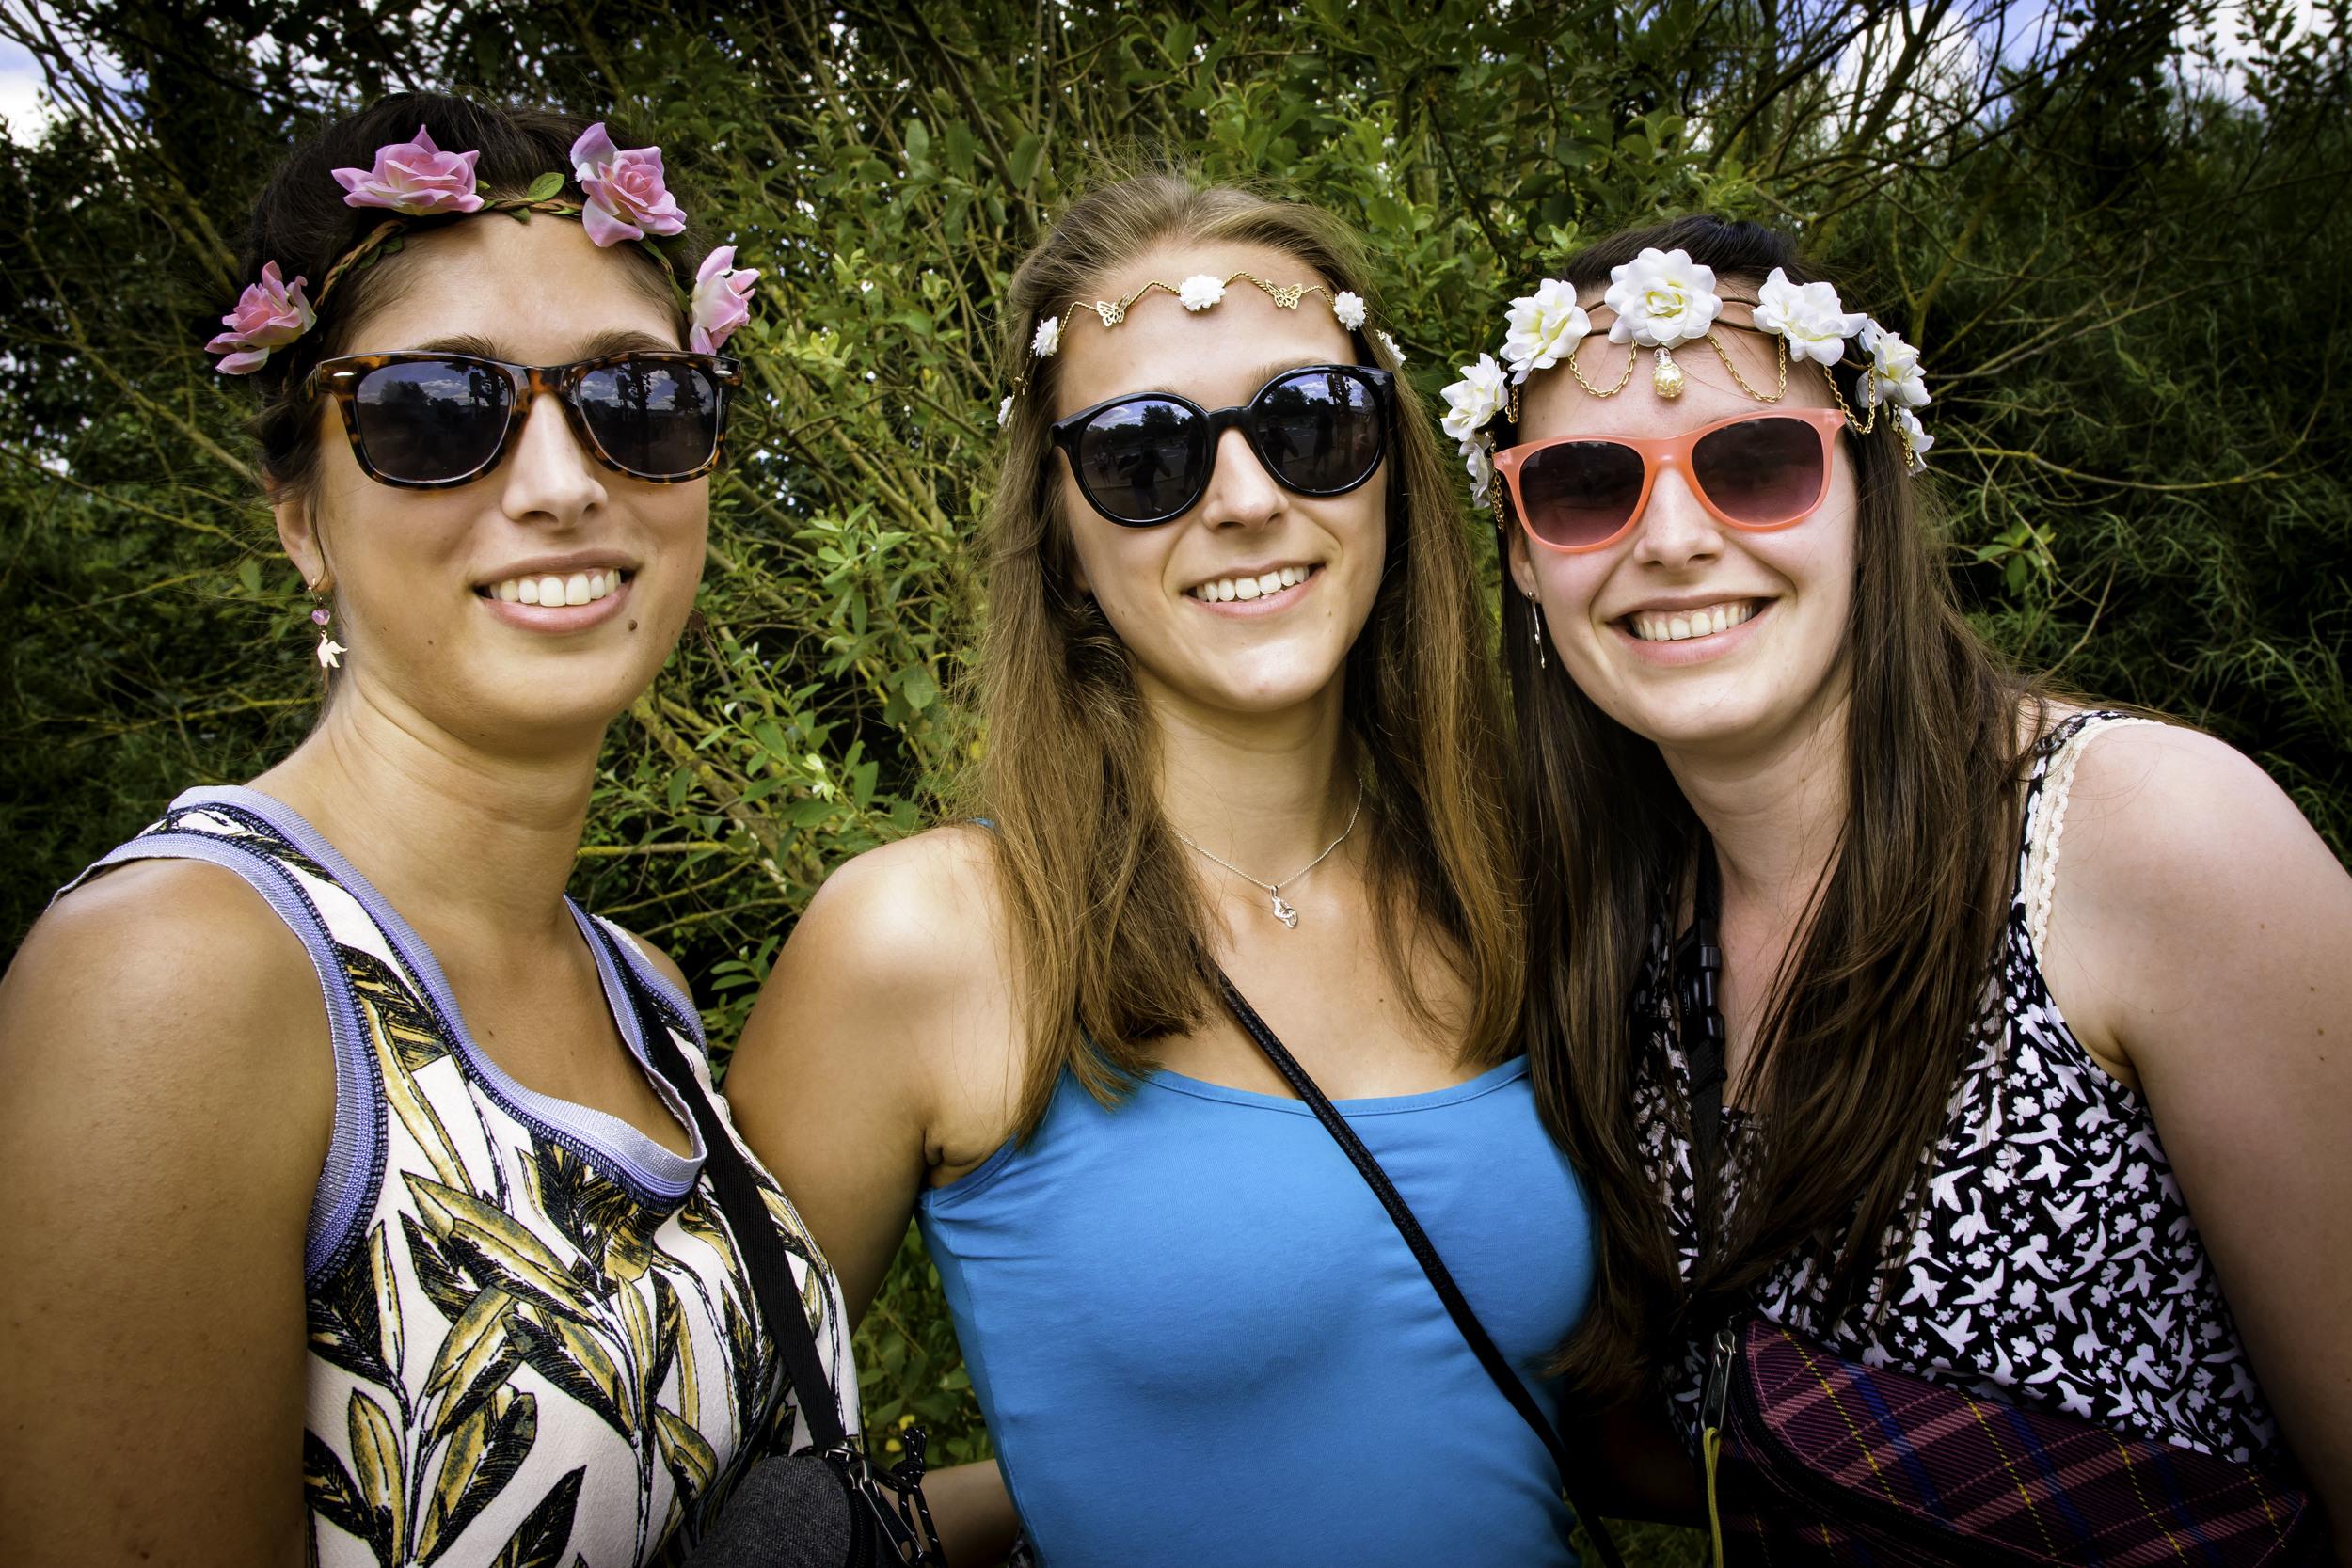 viewfinder-geen-eigenzinnige-fotografie-wel-snapshots-tomorrowland-themadness-2016-flowergirls-je-bent-van-belgie-1